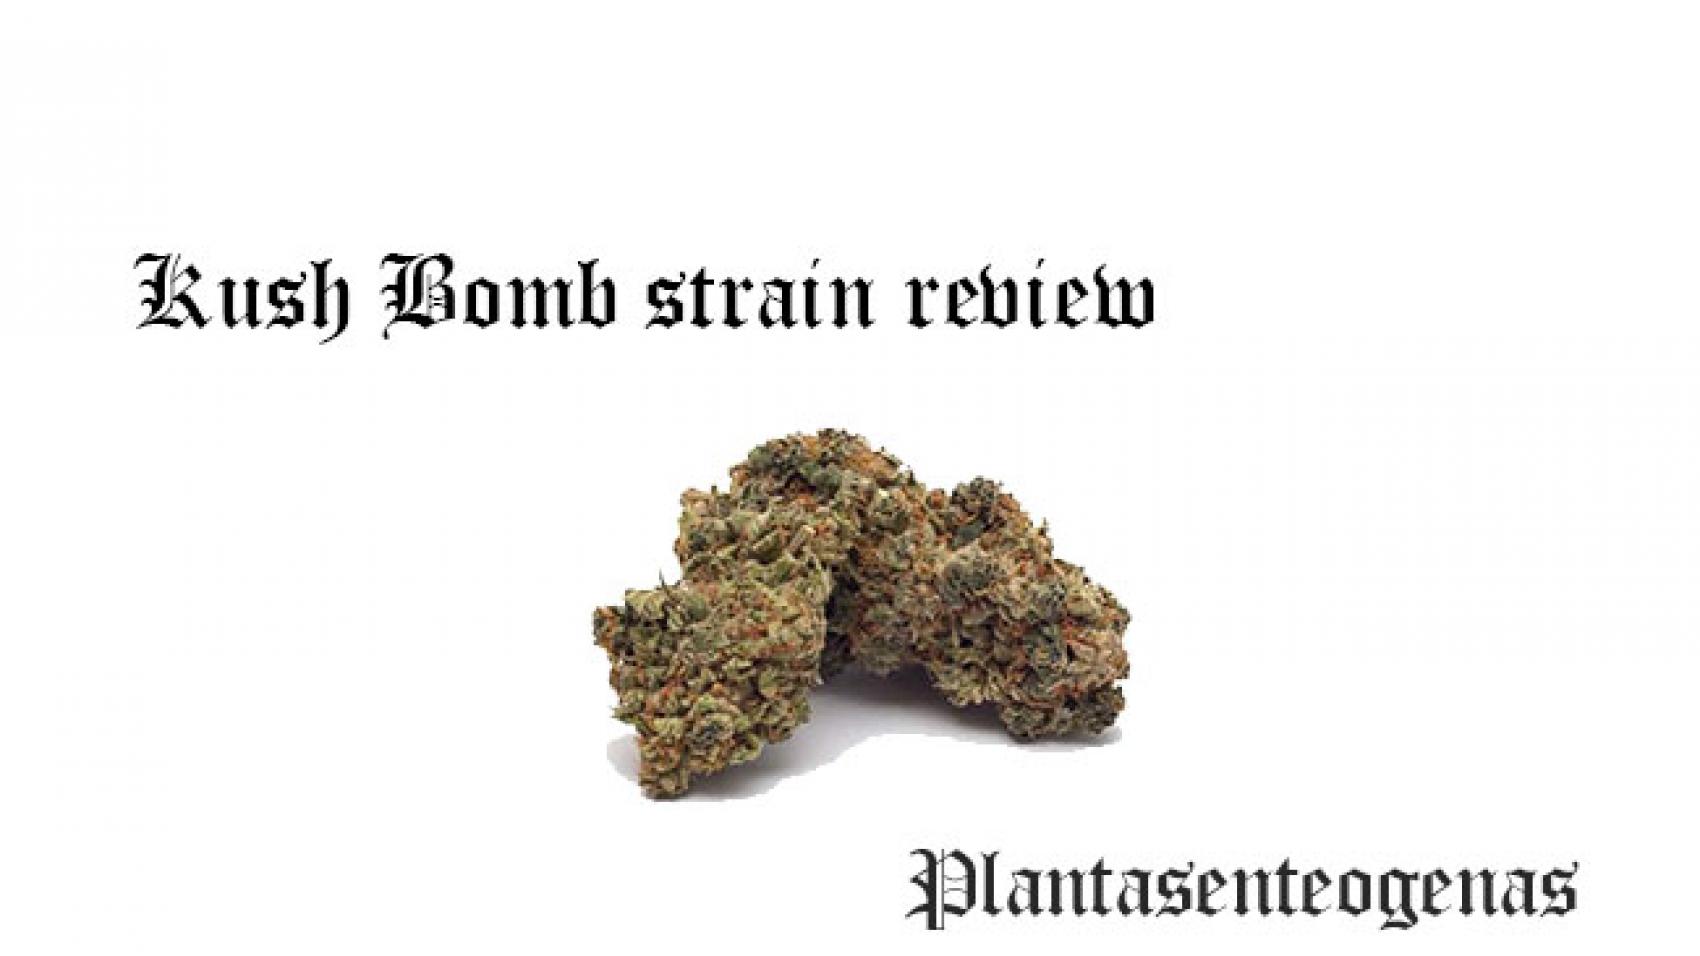 kush bomb strain review